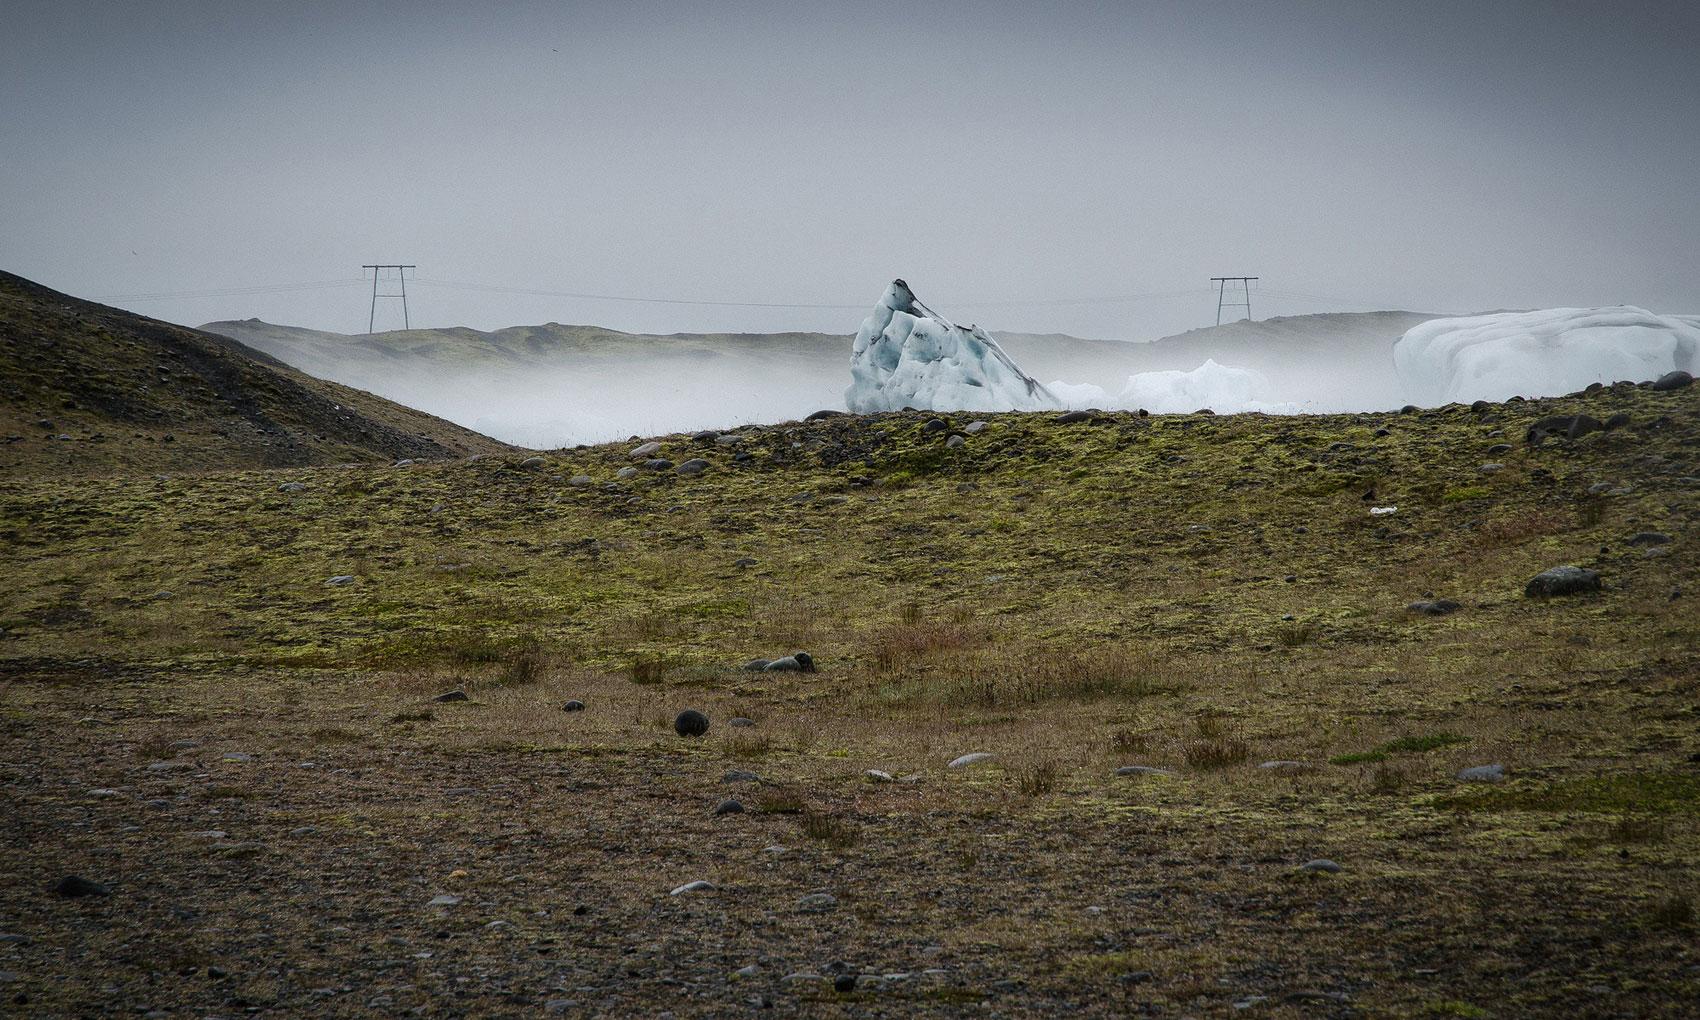 voyage-a-velo-en-islande-13